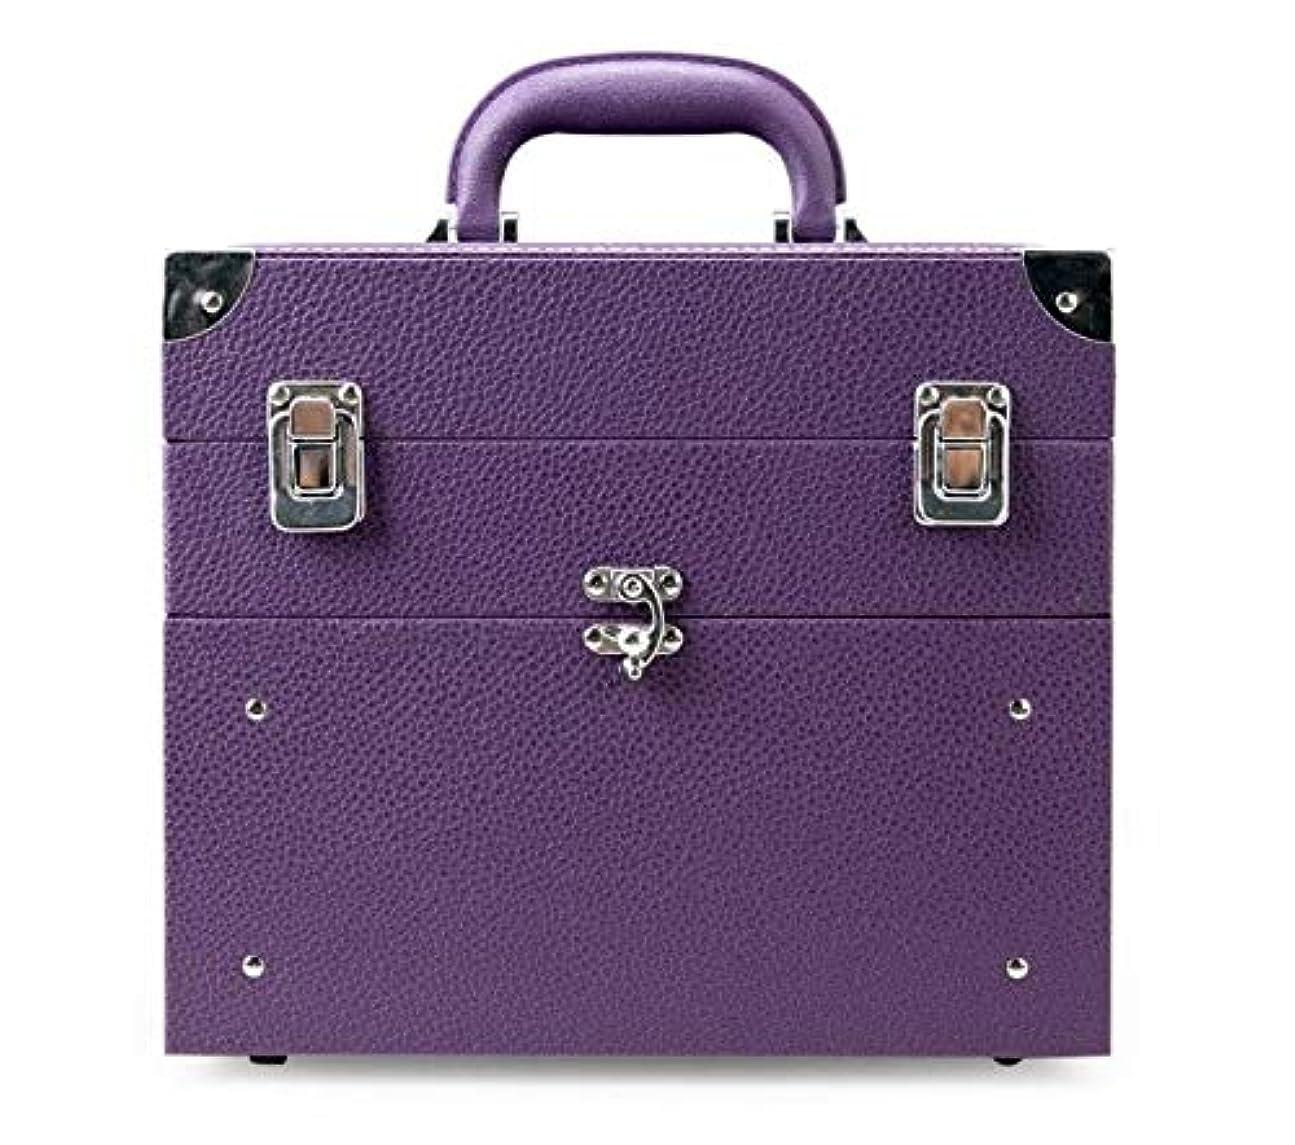 不幸寝具定期的な化粧箱、大容量の二重層の携帯用化粧品の箱、携帯用旅行化粧品袋の収納袋、美の構造の釘の宝石類の収納箱 (Color : Purple)